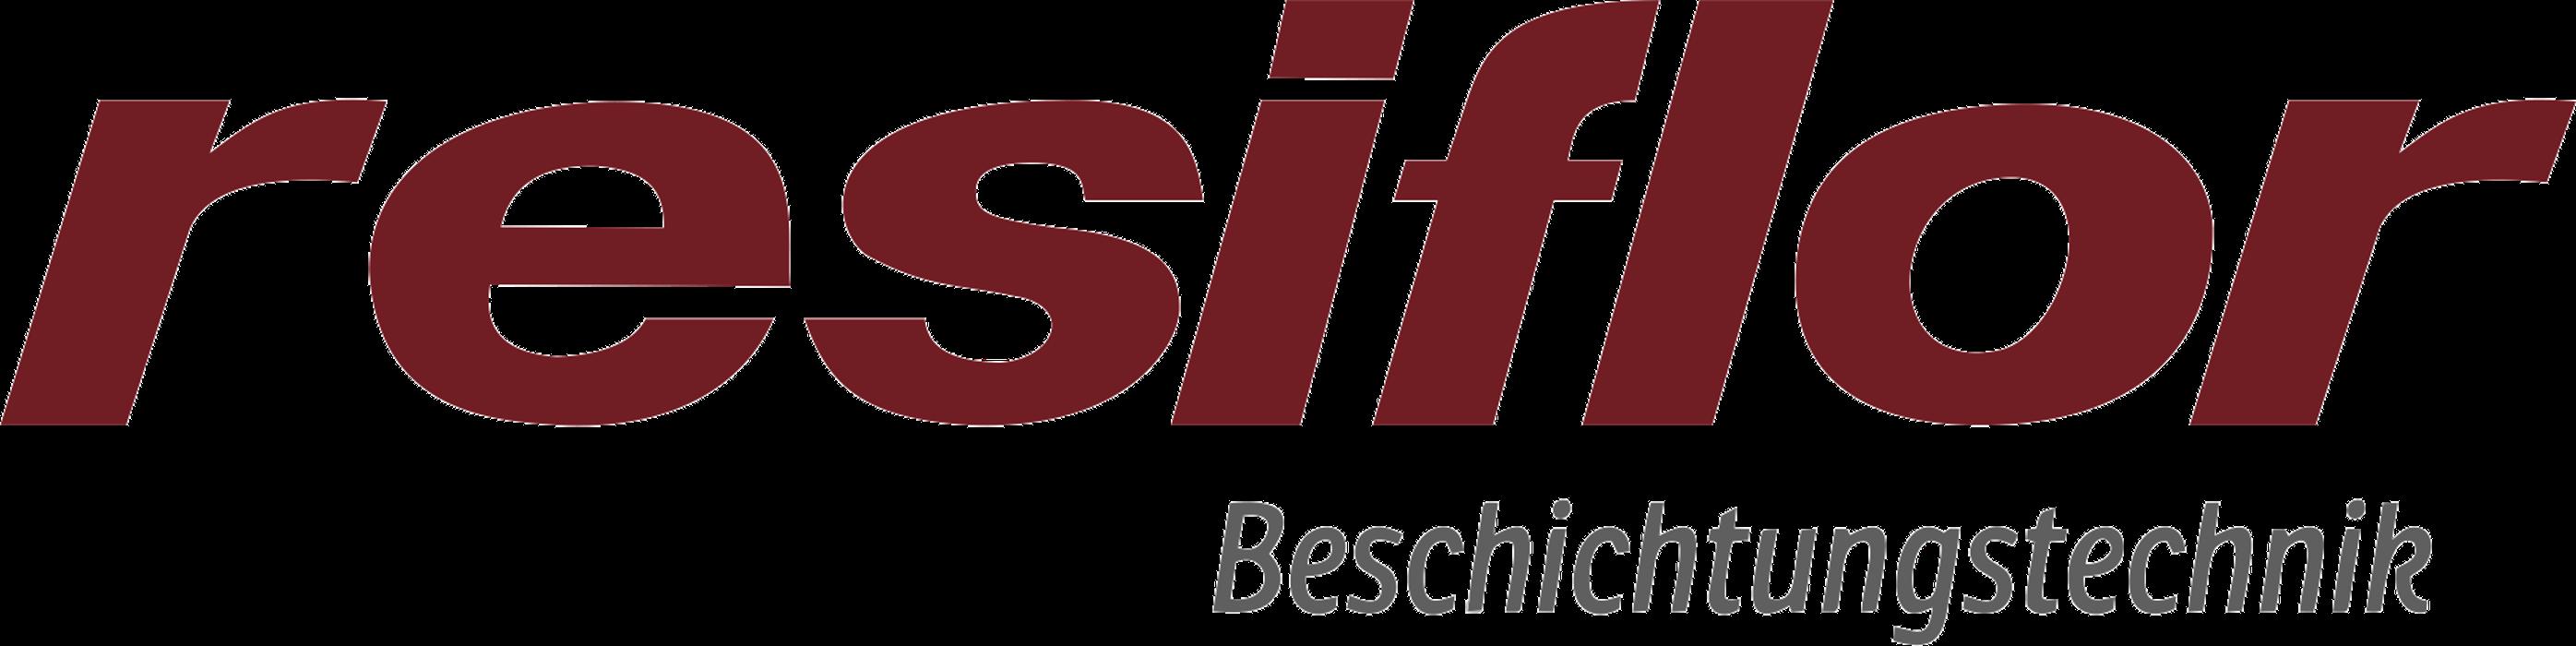 Bild zu Resiflor Beschichtungstechnik in Solingen